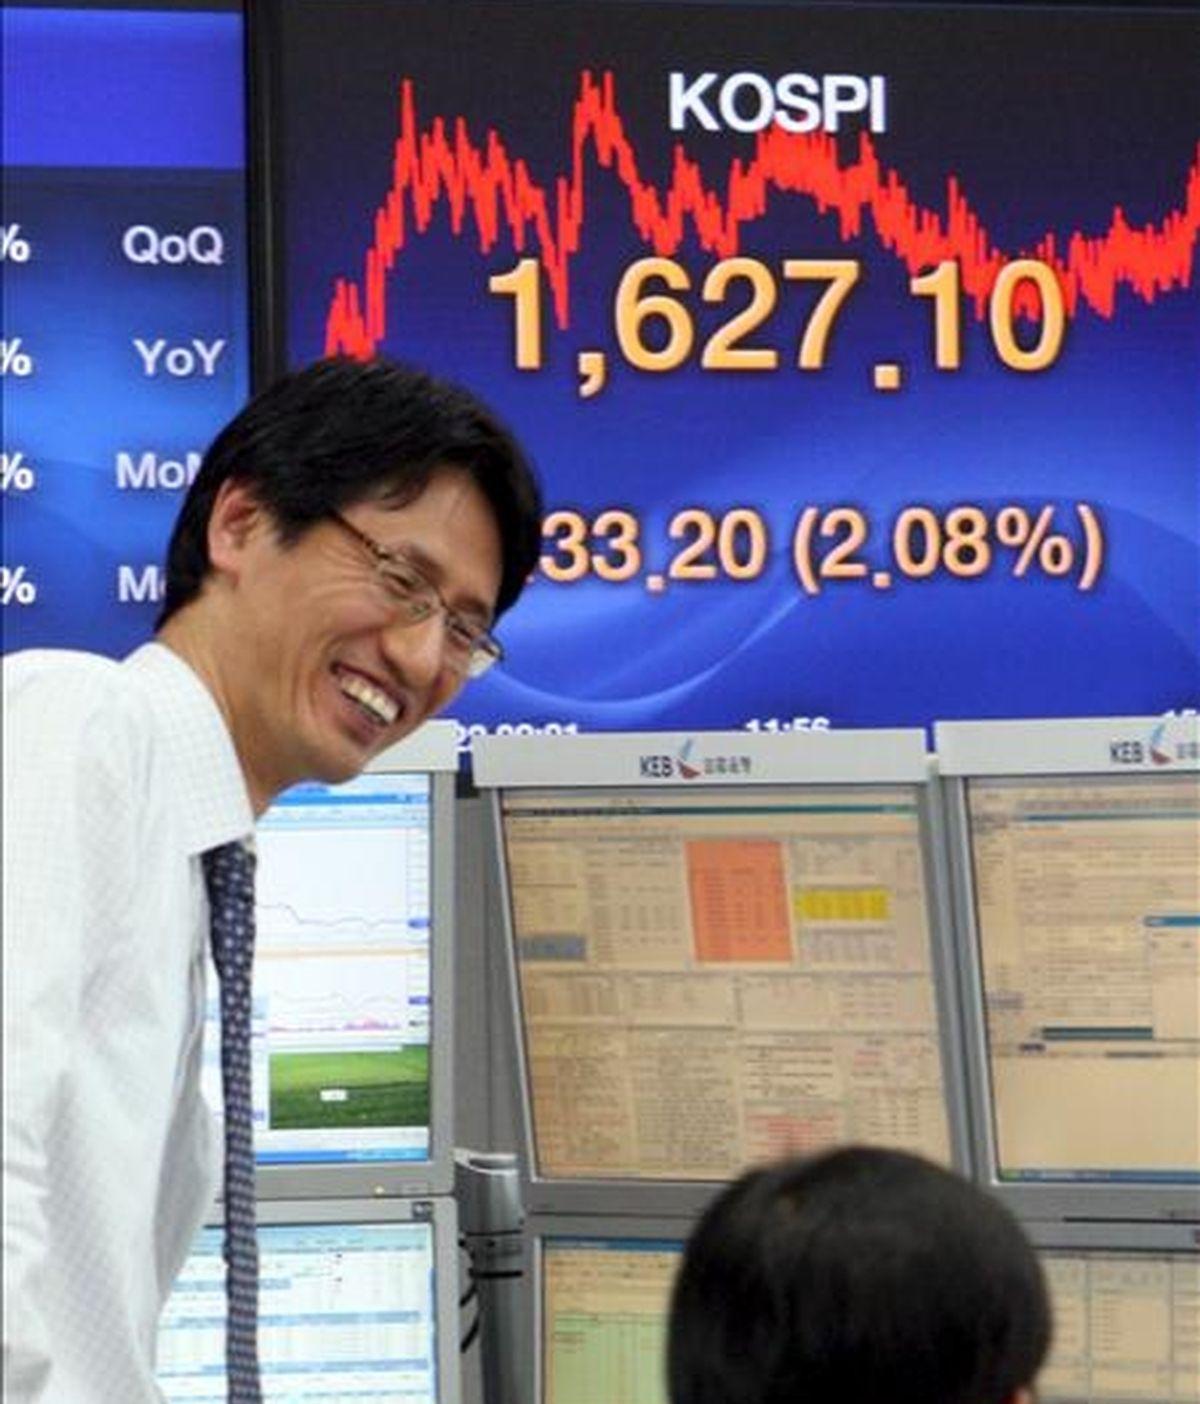 Dos hombres conversan frente a un tablero electrónico que muestra el valor del índice Kospi del mercado surcoreano. EFE/Archivo